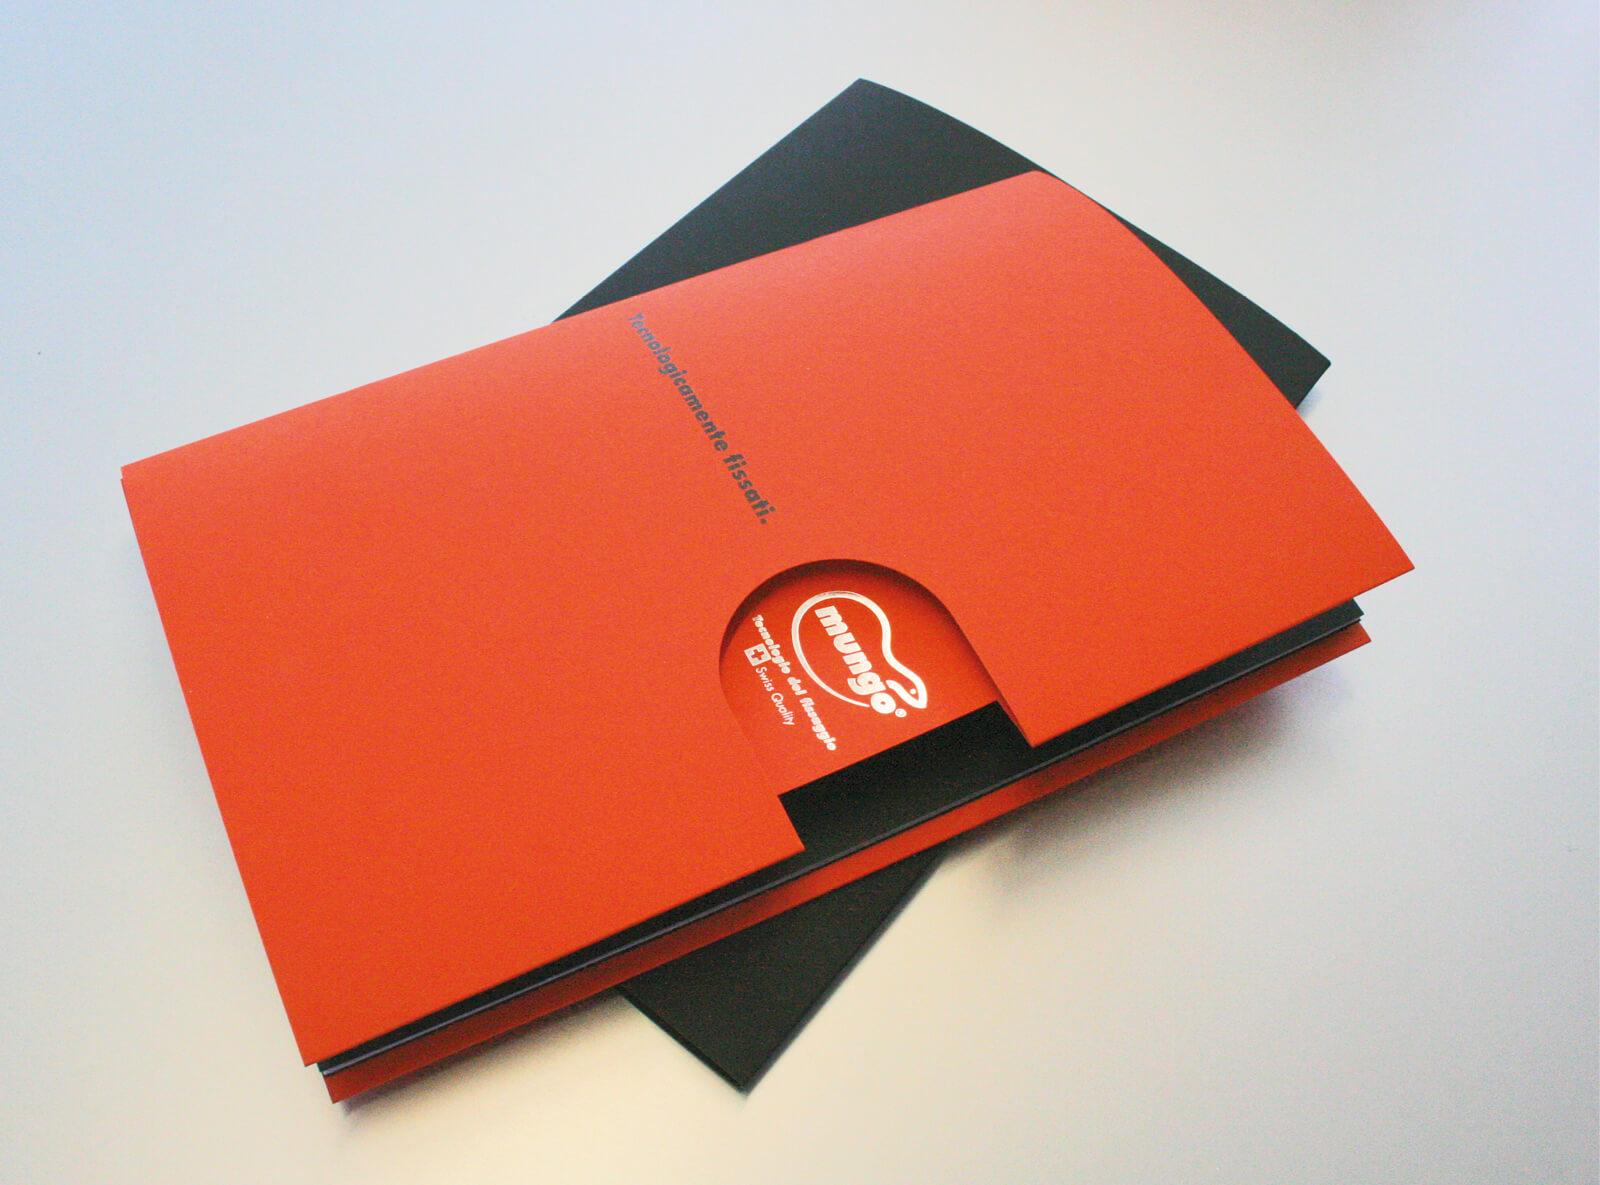 copertina e custodia company profile mungo italia, progetto agenzia diade studio grafico arco trento